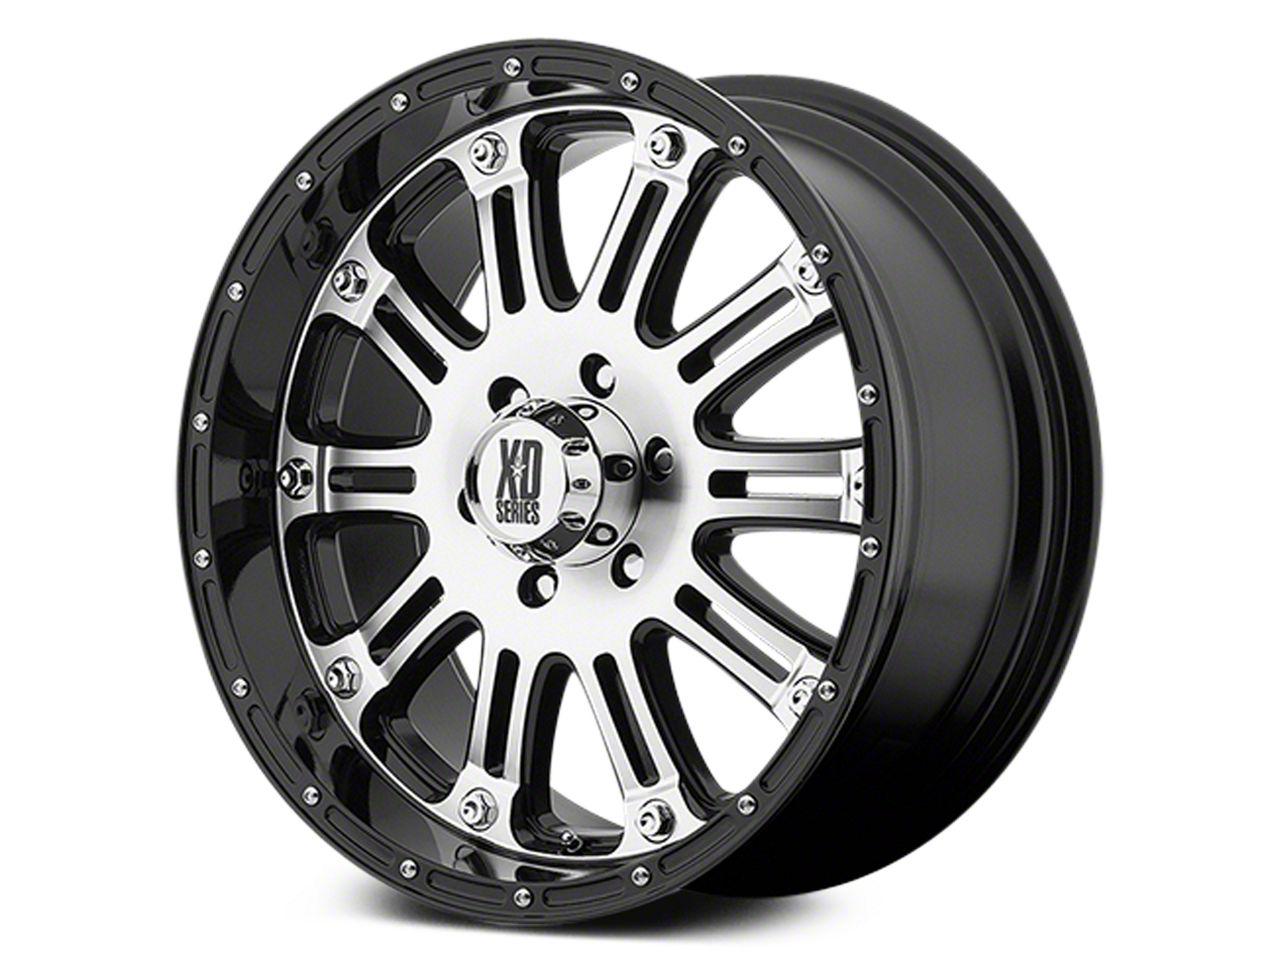 xd silverado hoss chrome 6 lug wheel 20x9 s100604 99 19 silverado 2003 GMC Envoy xd